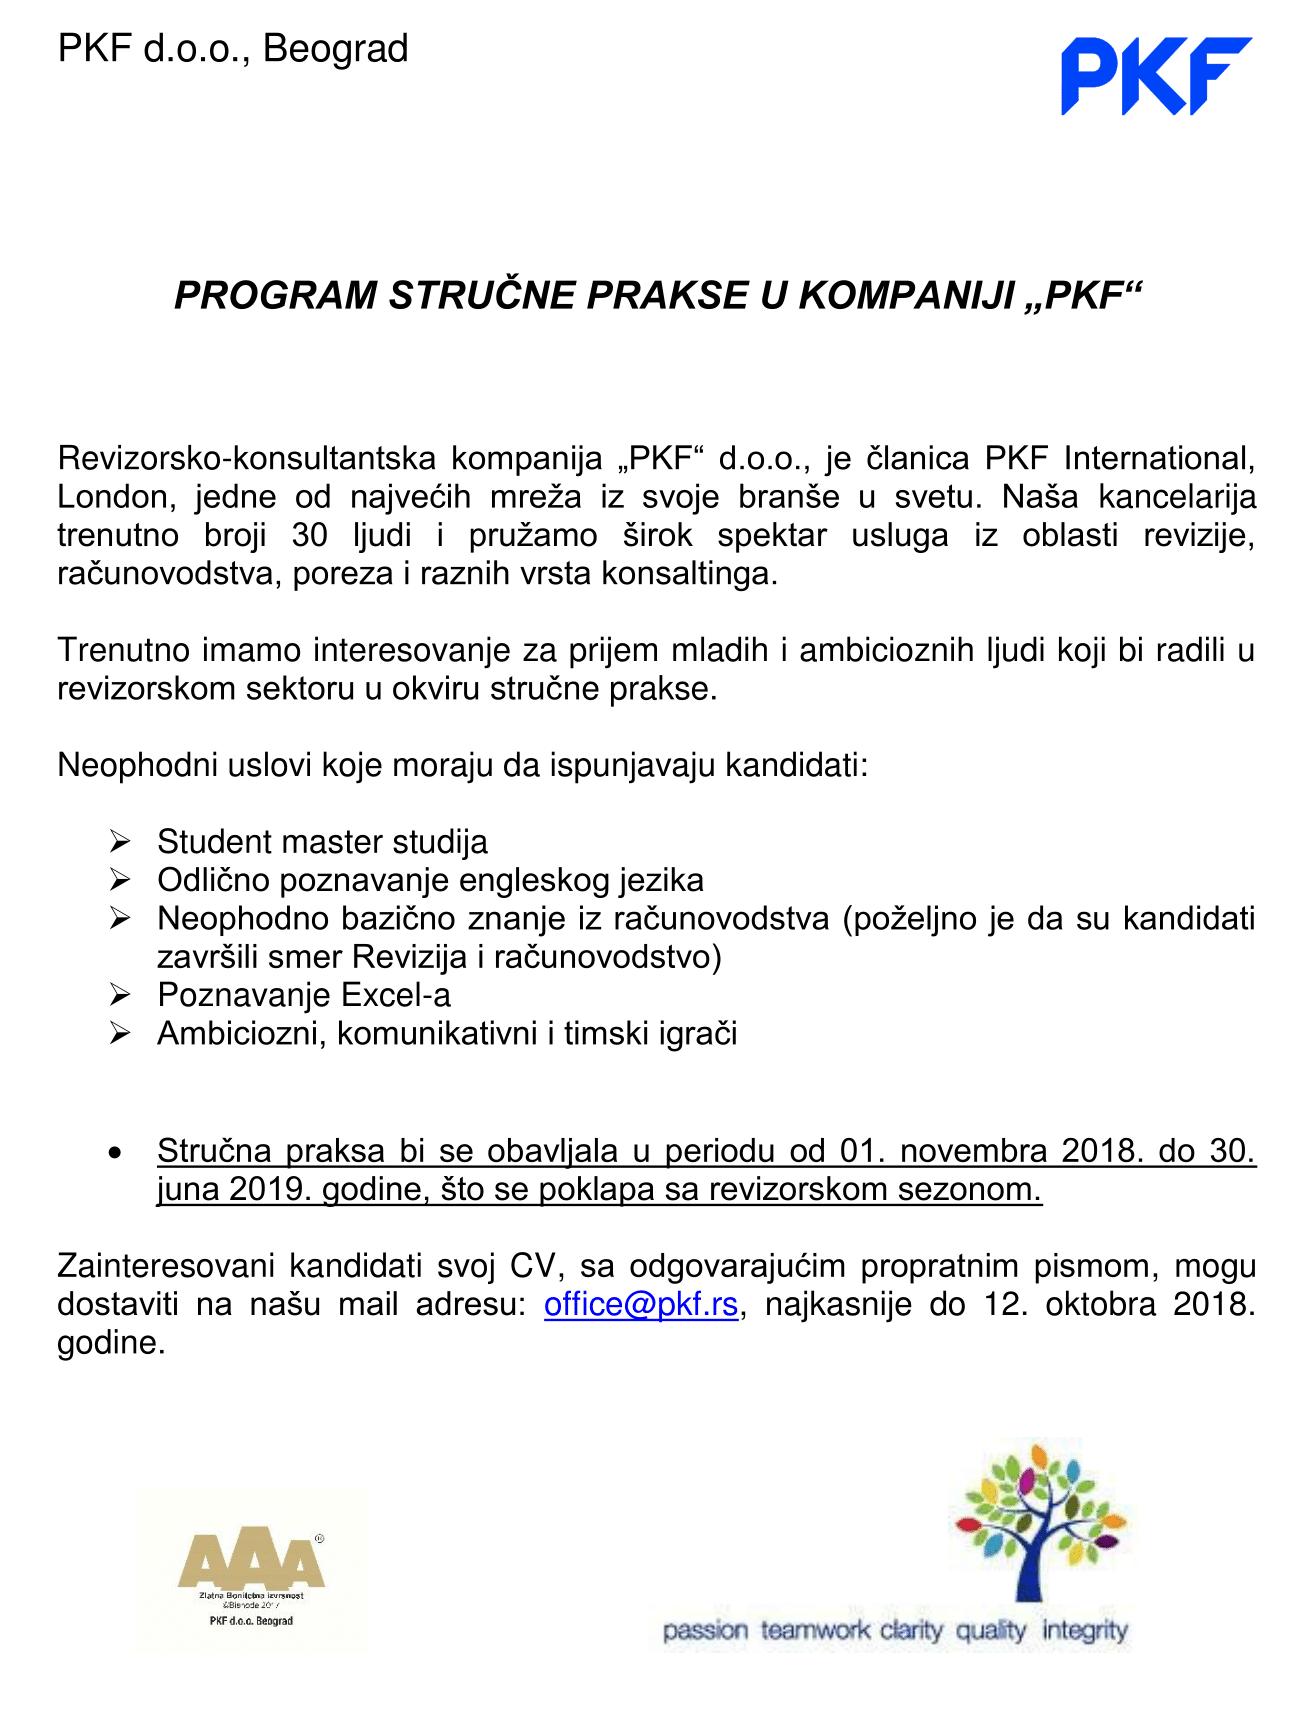 Oglas za strucnu praksu PKF-1